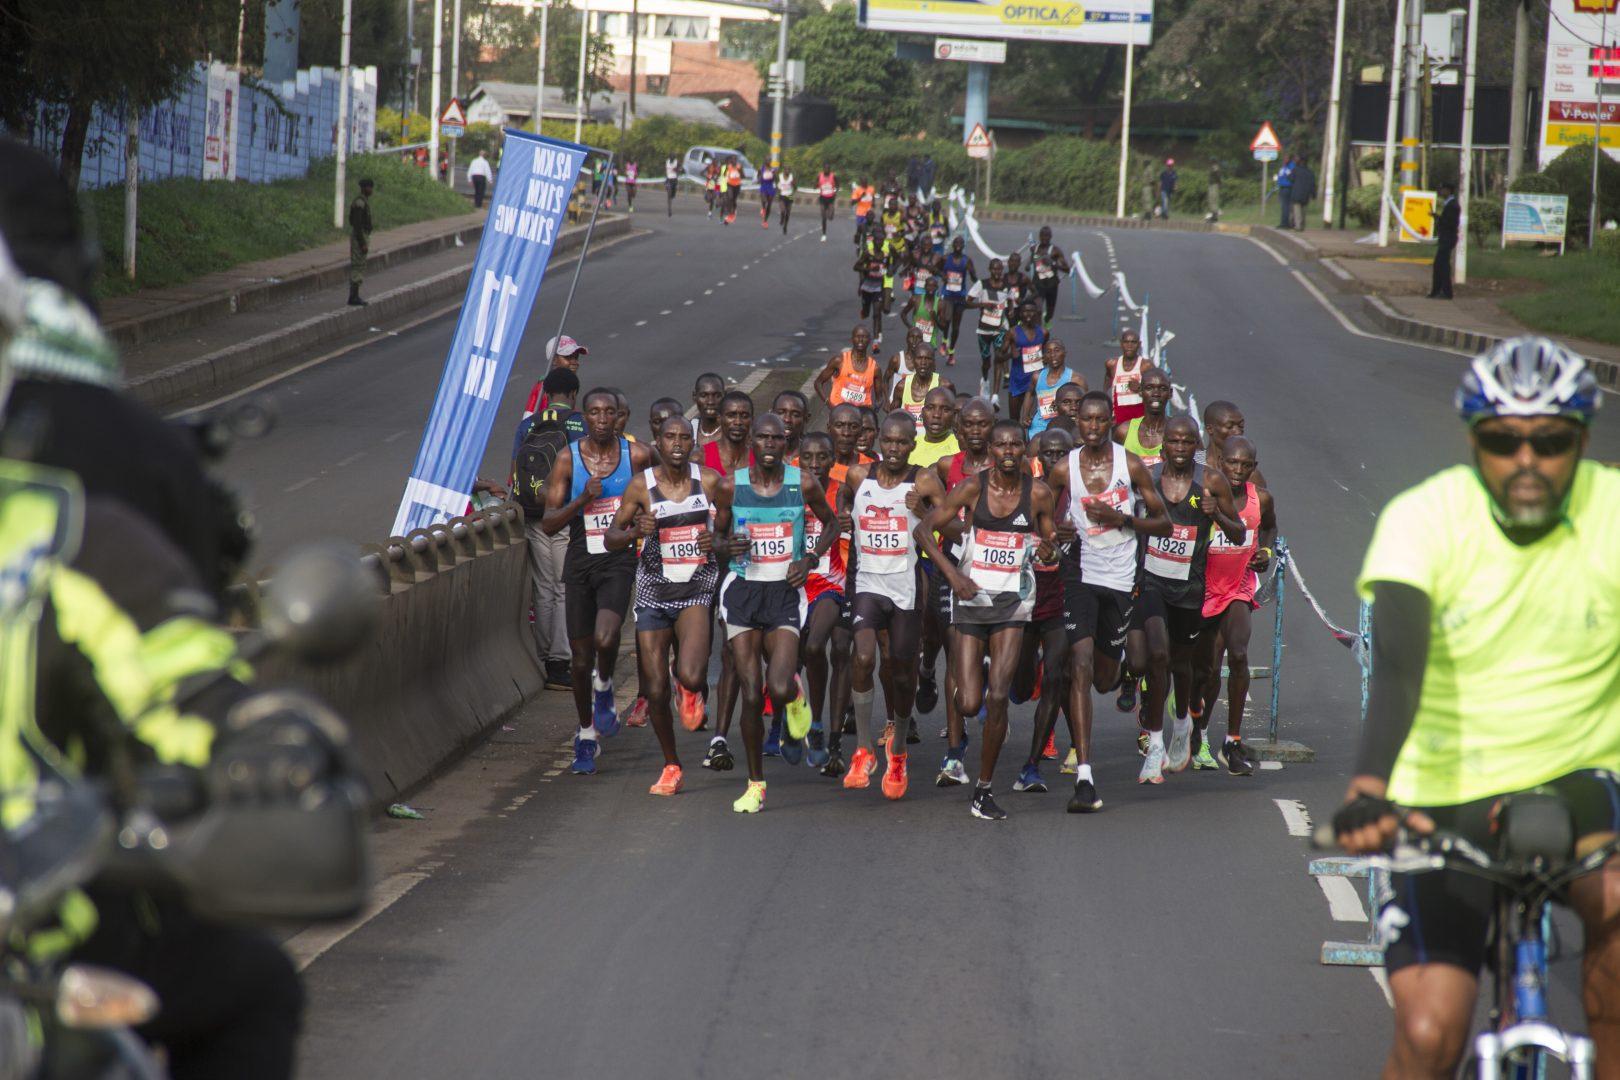 https://www.nairobimarathon.com/wp-content/uploads/2021/07/MG_4672.jpg